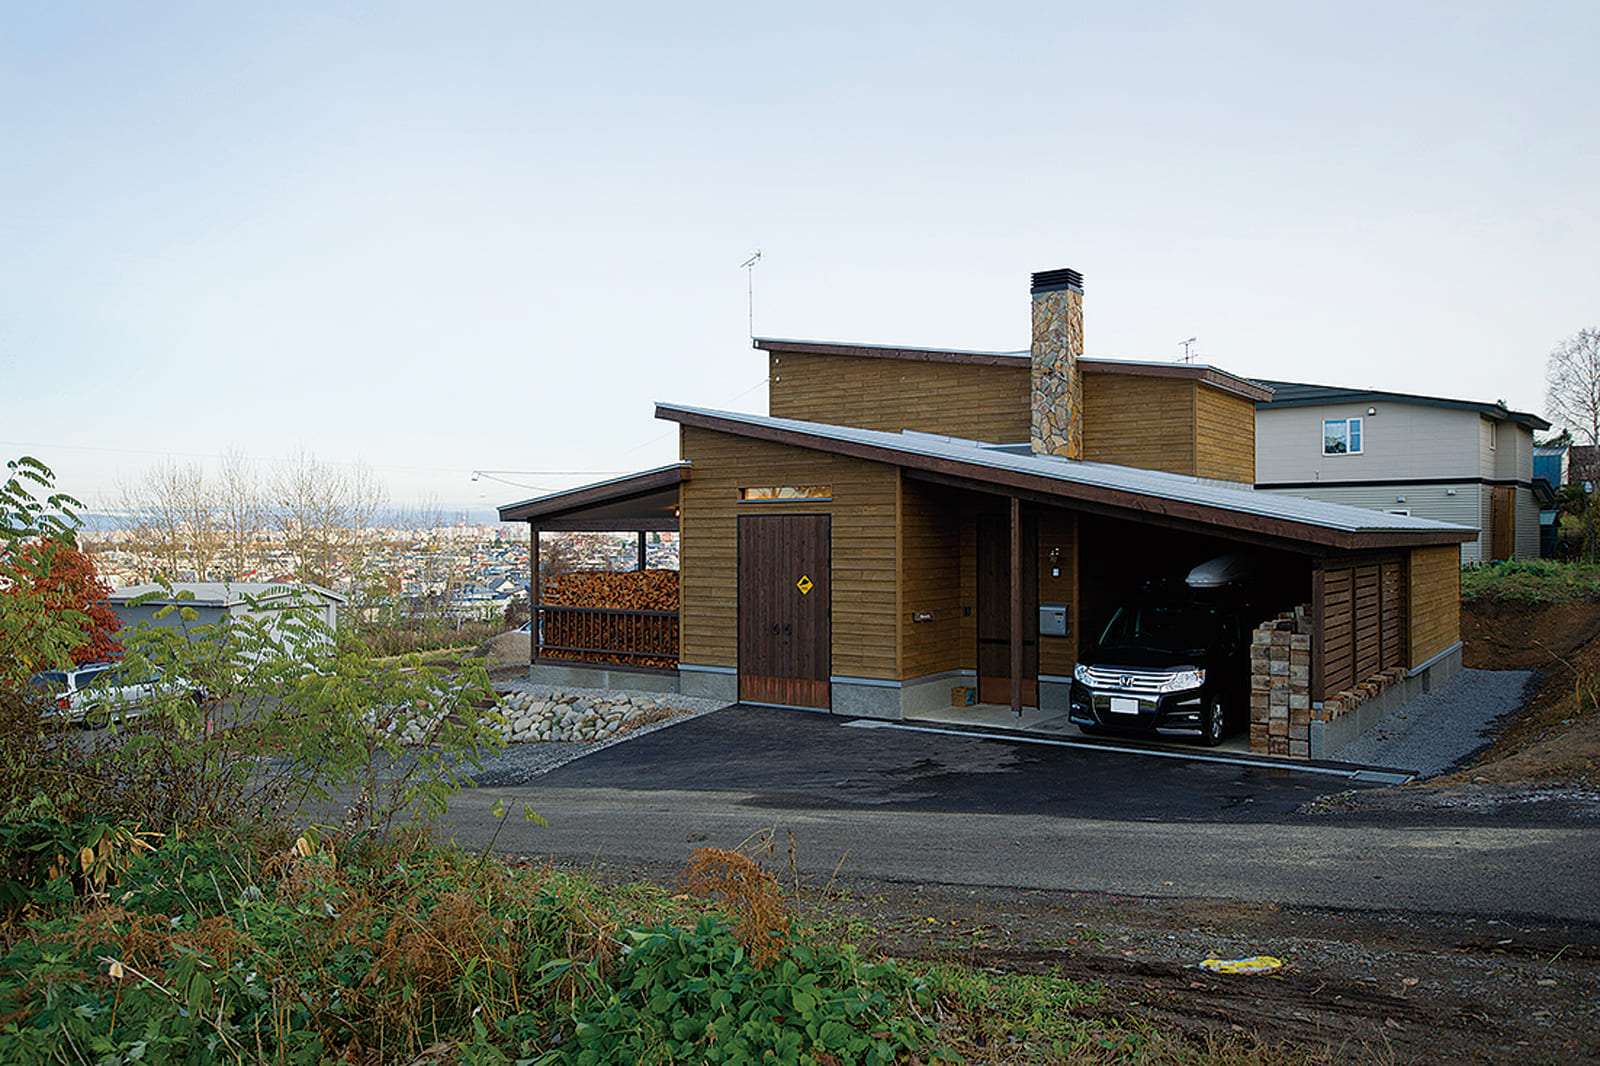 片流れの屋根に煙突、薪かが積まれたデッキや道南スギの外壁と、山小屋風の佇まいが印象的なOさん宅